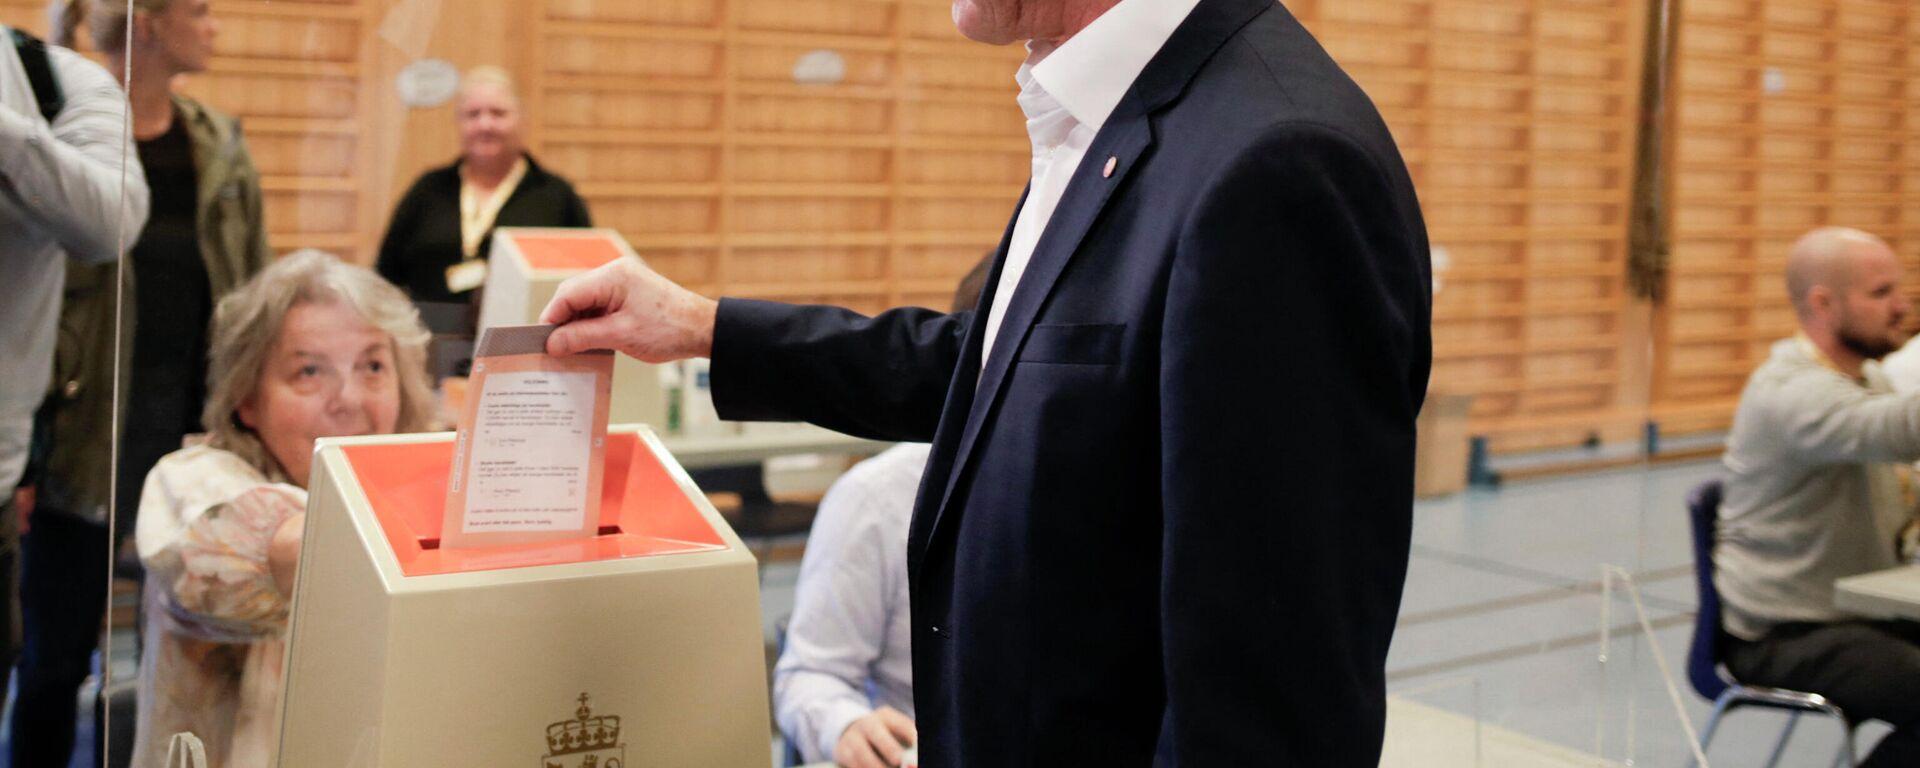 Vorsitzende der norwegischen Arbeitspartei Jonas Gahr Støre bei den Wahlen - SNA, 1920, 13.09.2021